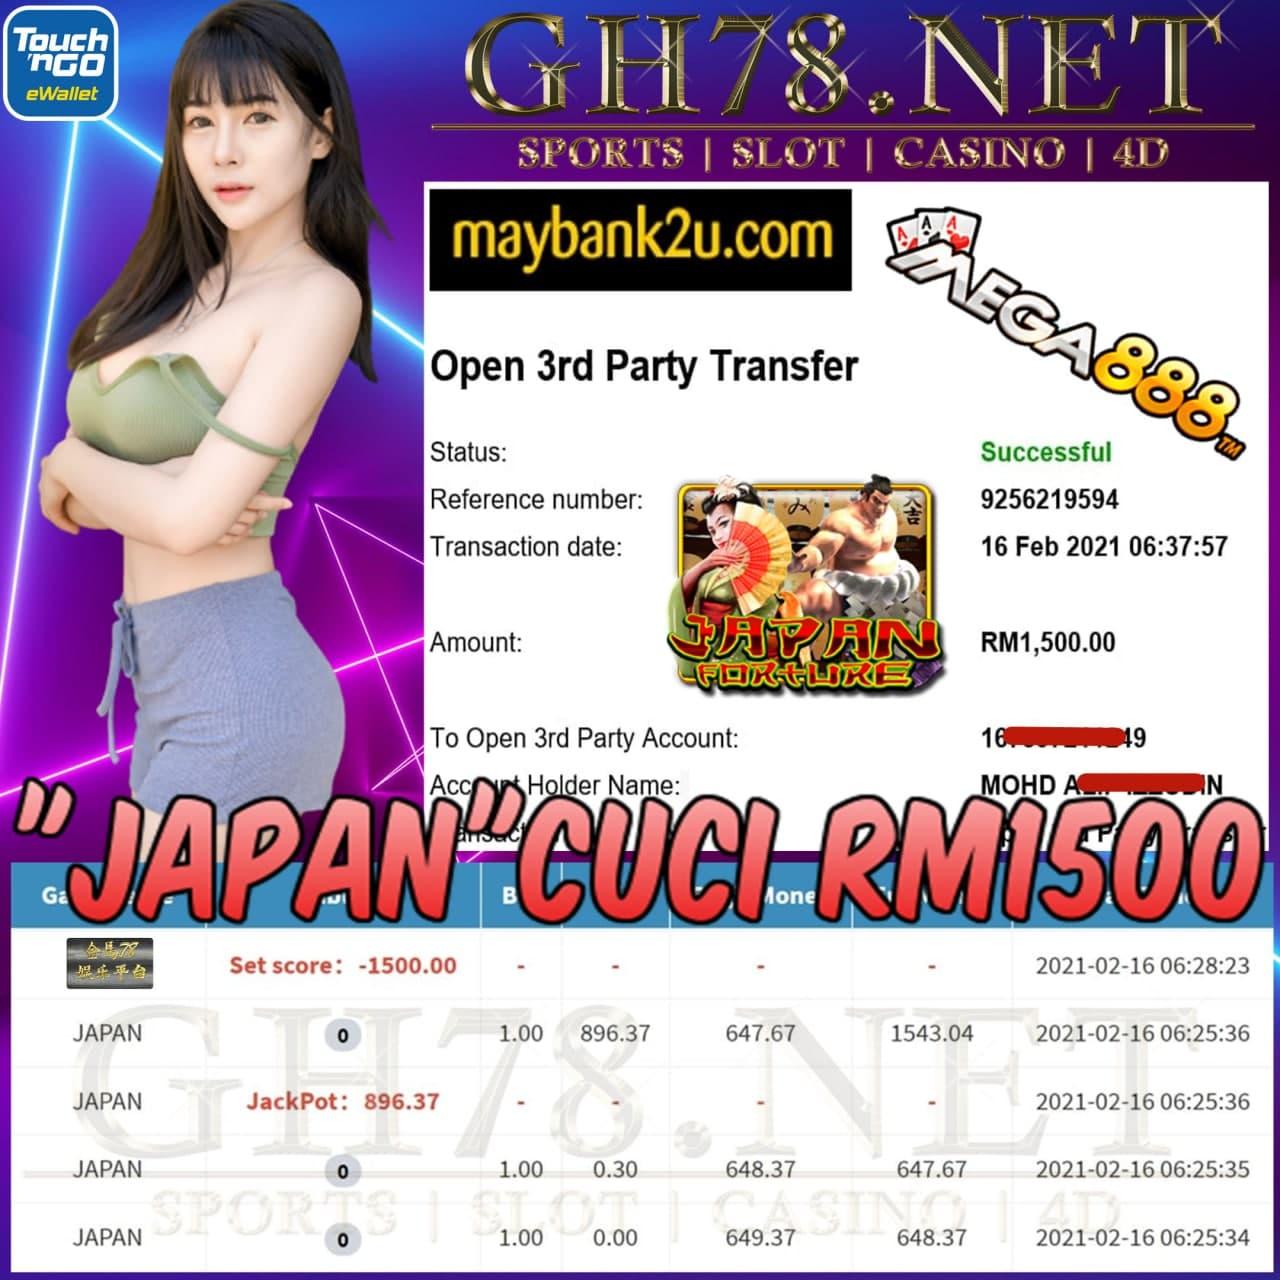 MEGA888 JAPAN GAME CUCI JACKPOT RM1500